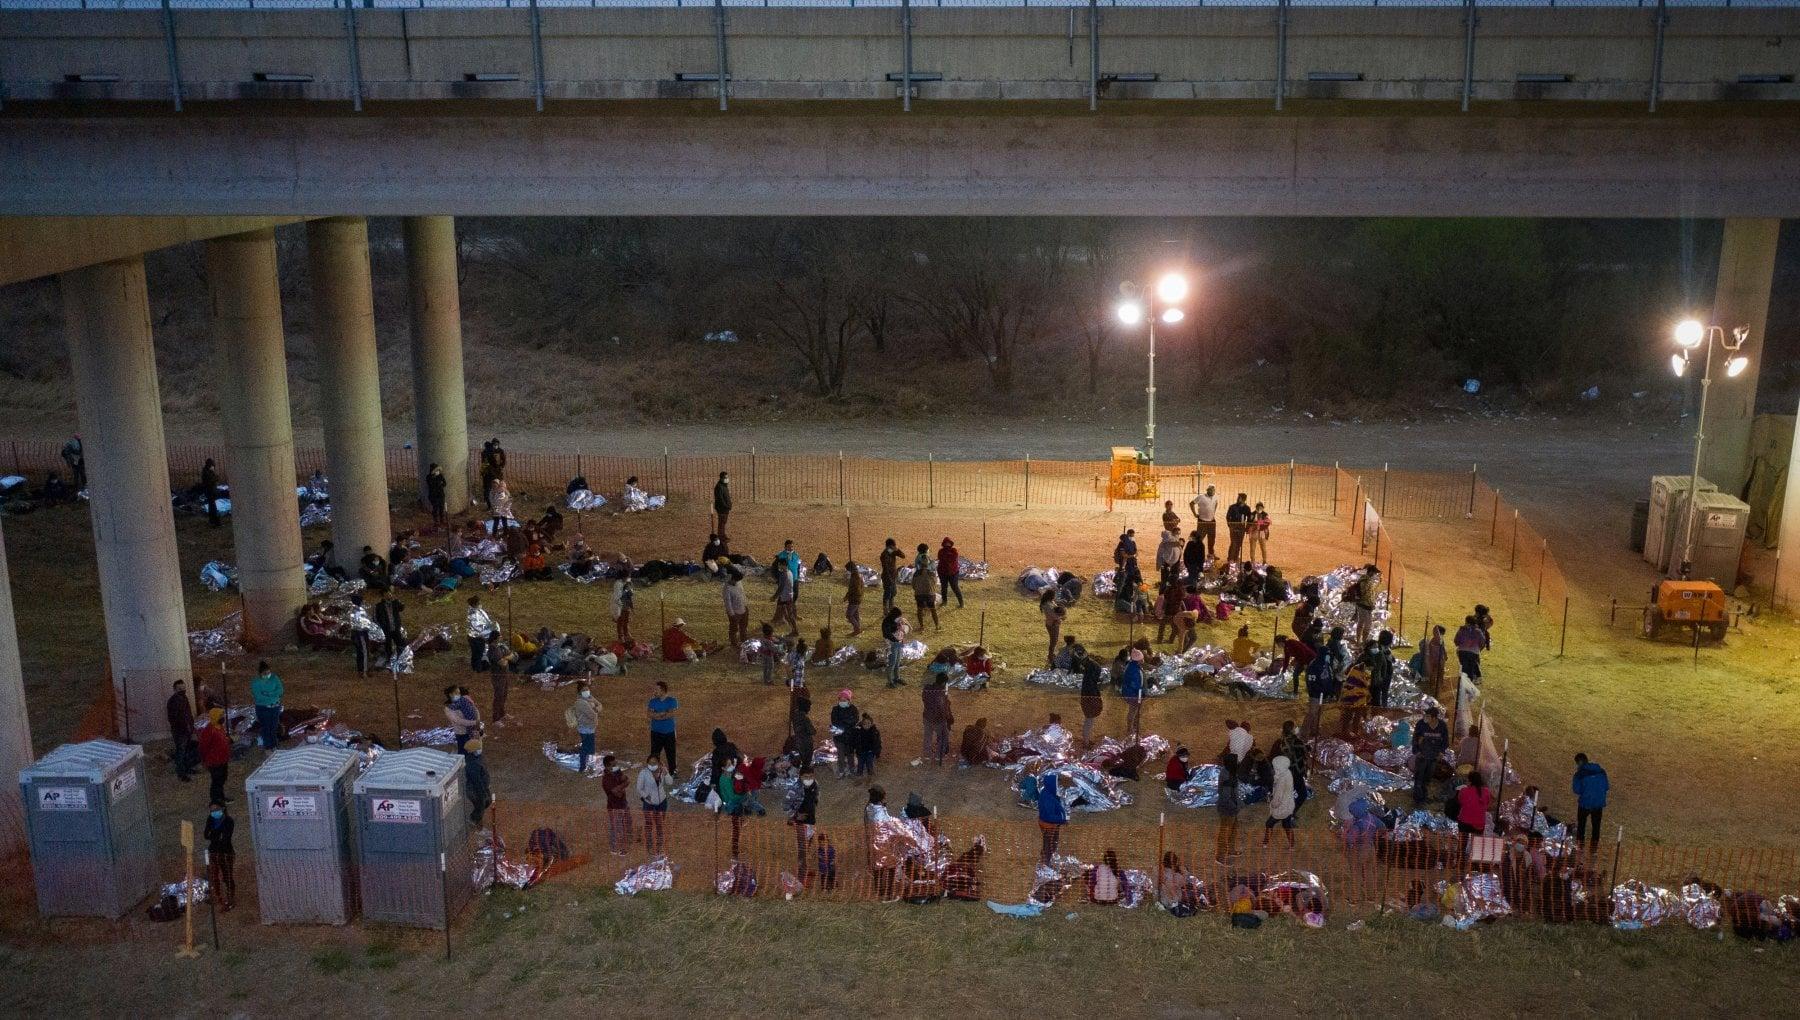 050718736 574eb56a a33d 4b89 ae10 90cf8543e732 - Usa, emergenza migranti al confine con il Messico: Biden mobilita la protezione civile